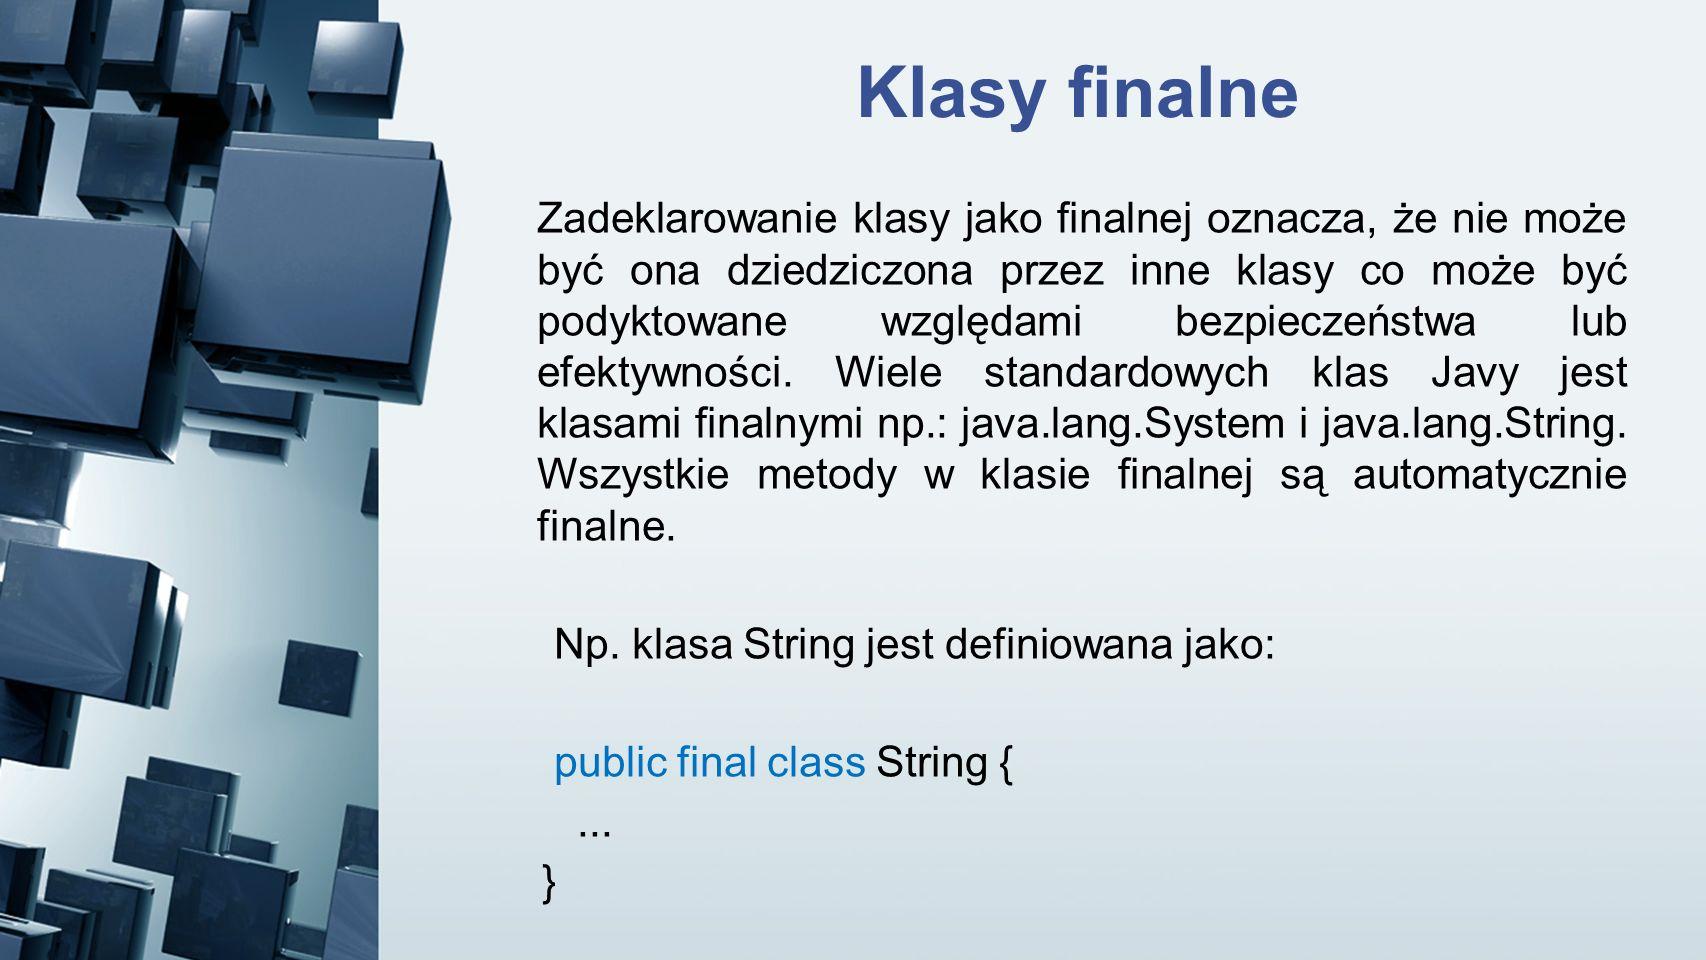 Klasy finalne Zadeklarowanie klasy jako finalnej oznacza, że nie może być ona dziedziczona przez inne klasy co może być podyktowane względami bezpiecz